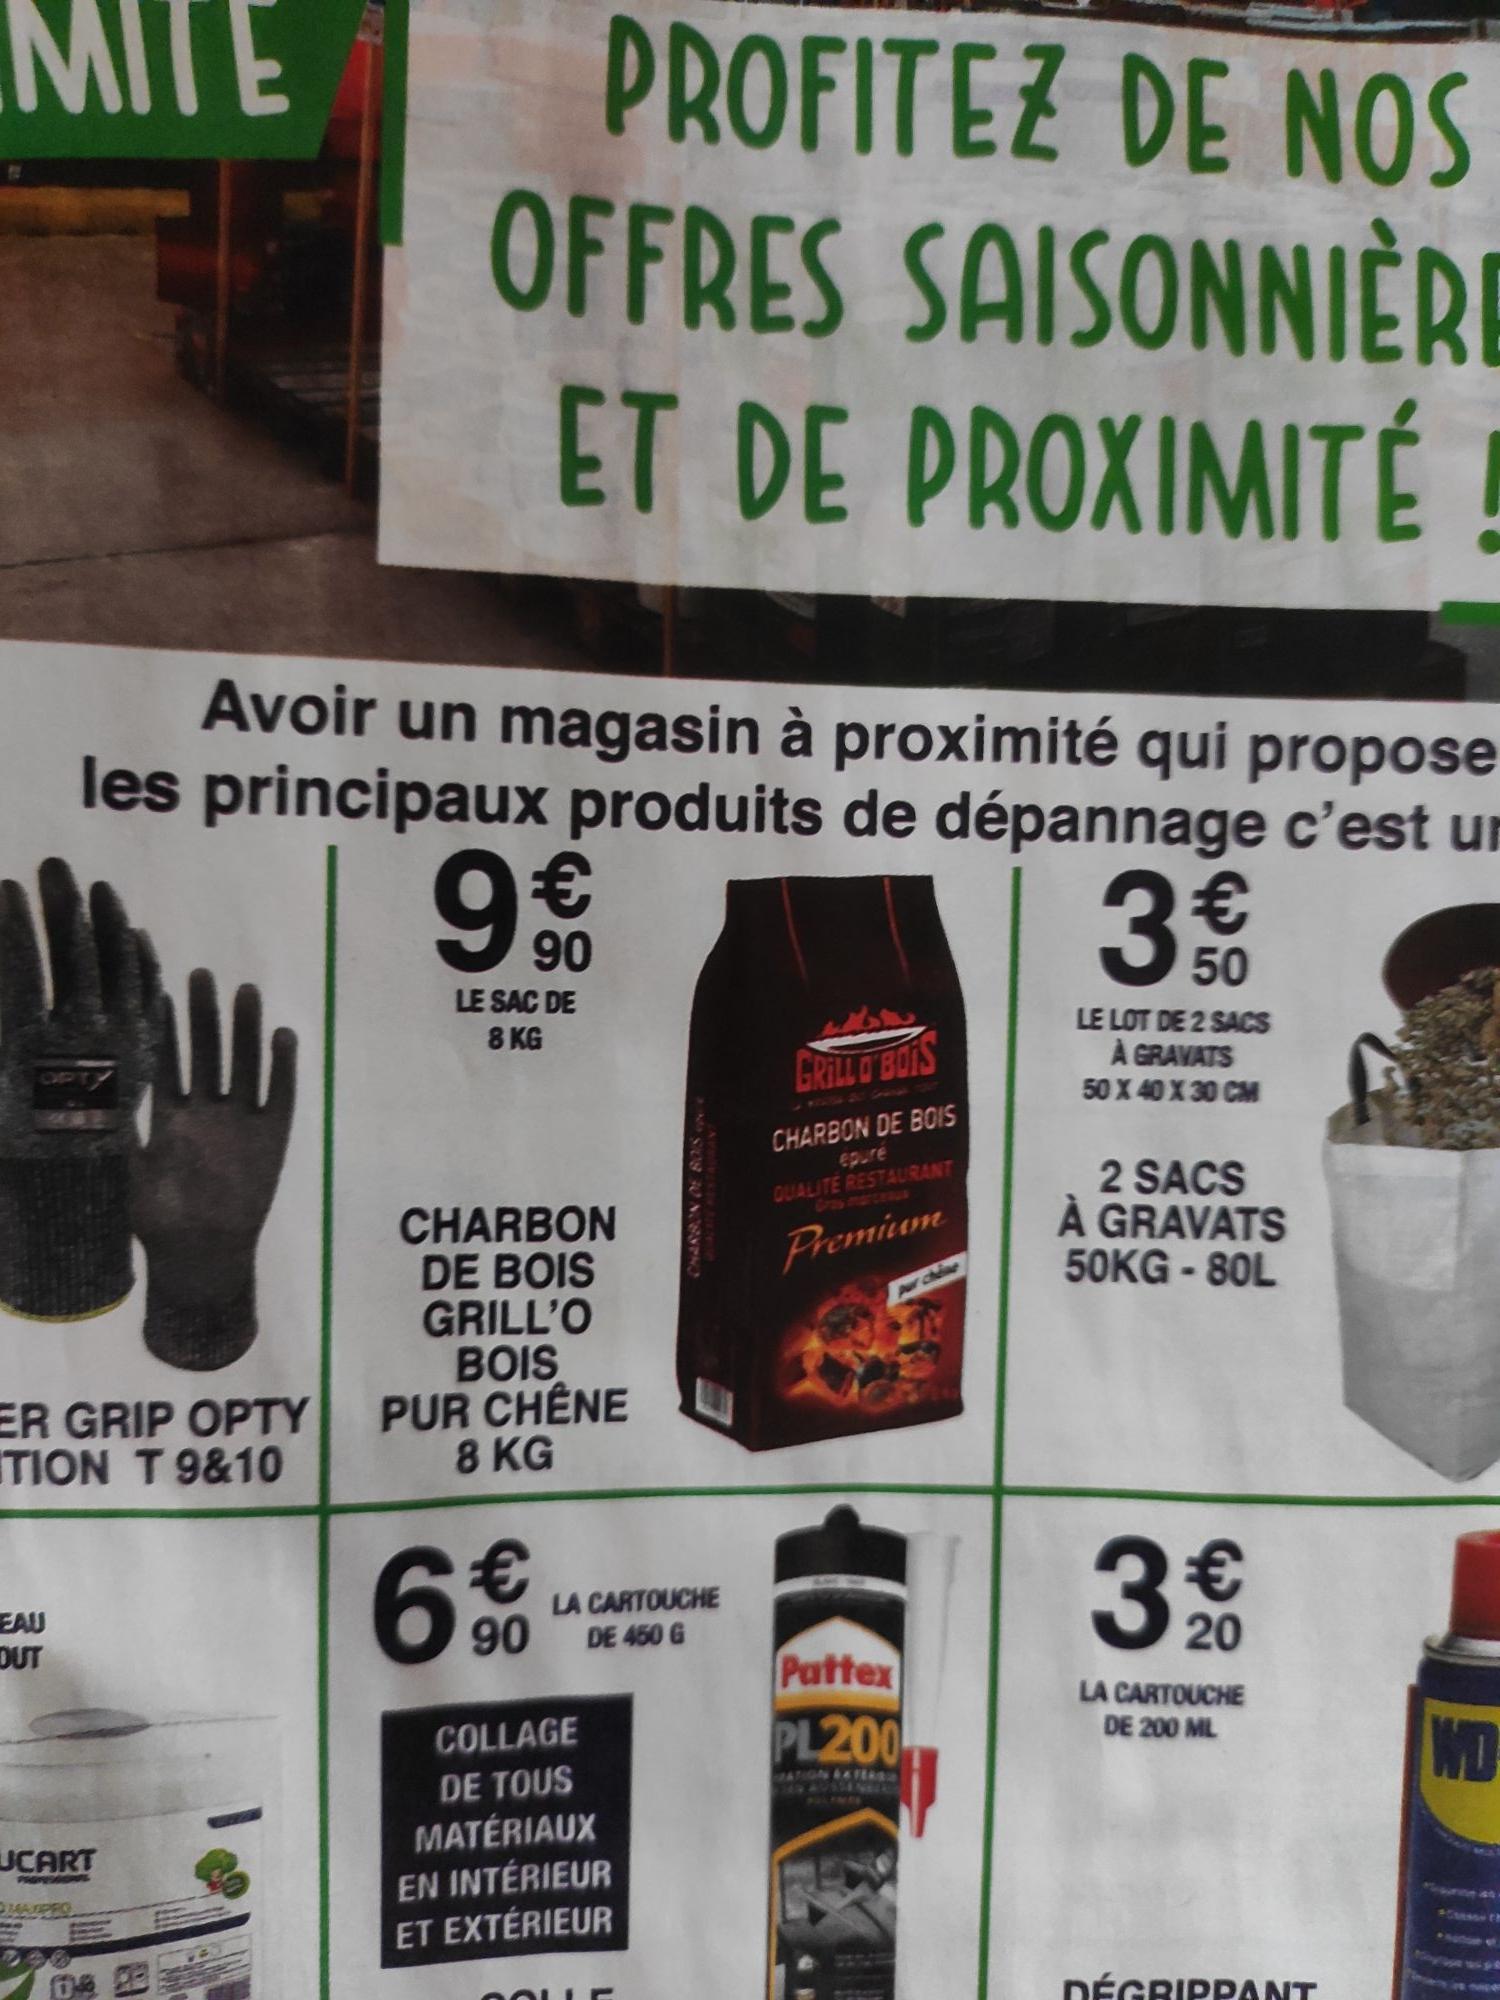 Charbon de bois Grill'o bois pur chêne (8 Kg) - Chrétien Matériaux Hauts de France